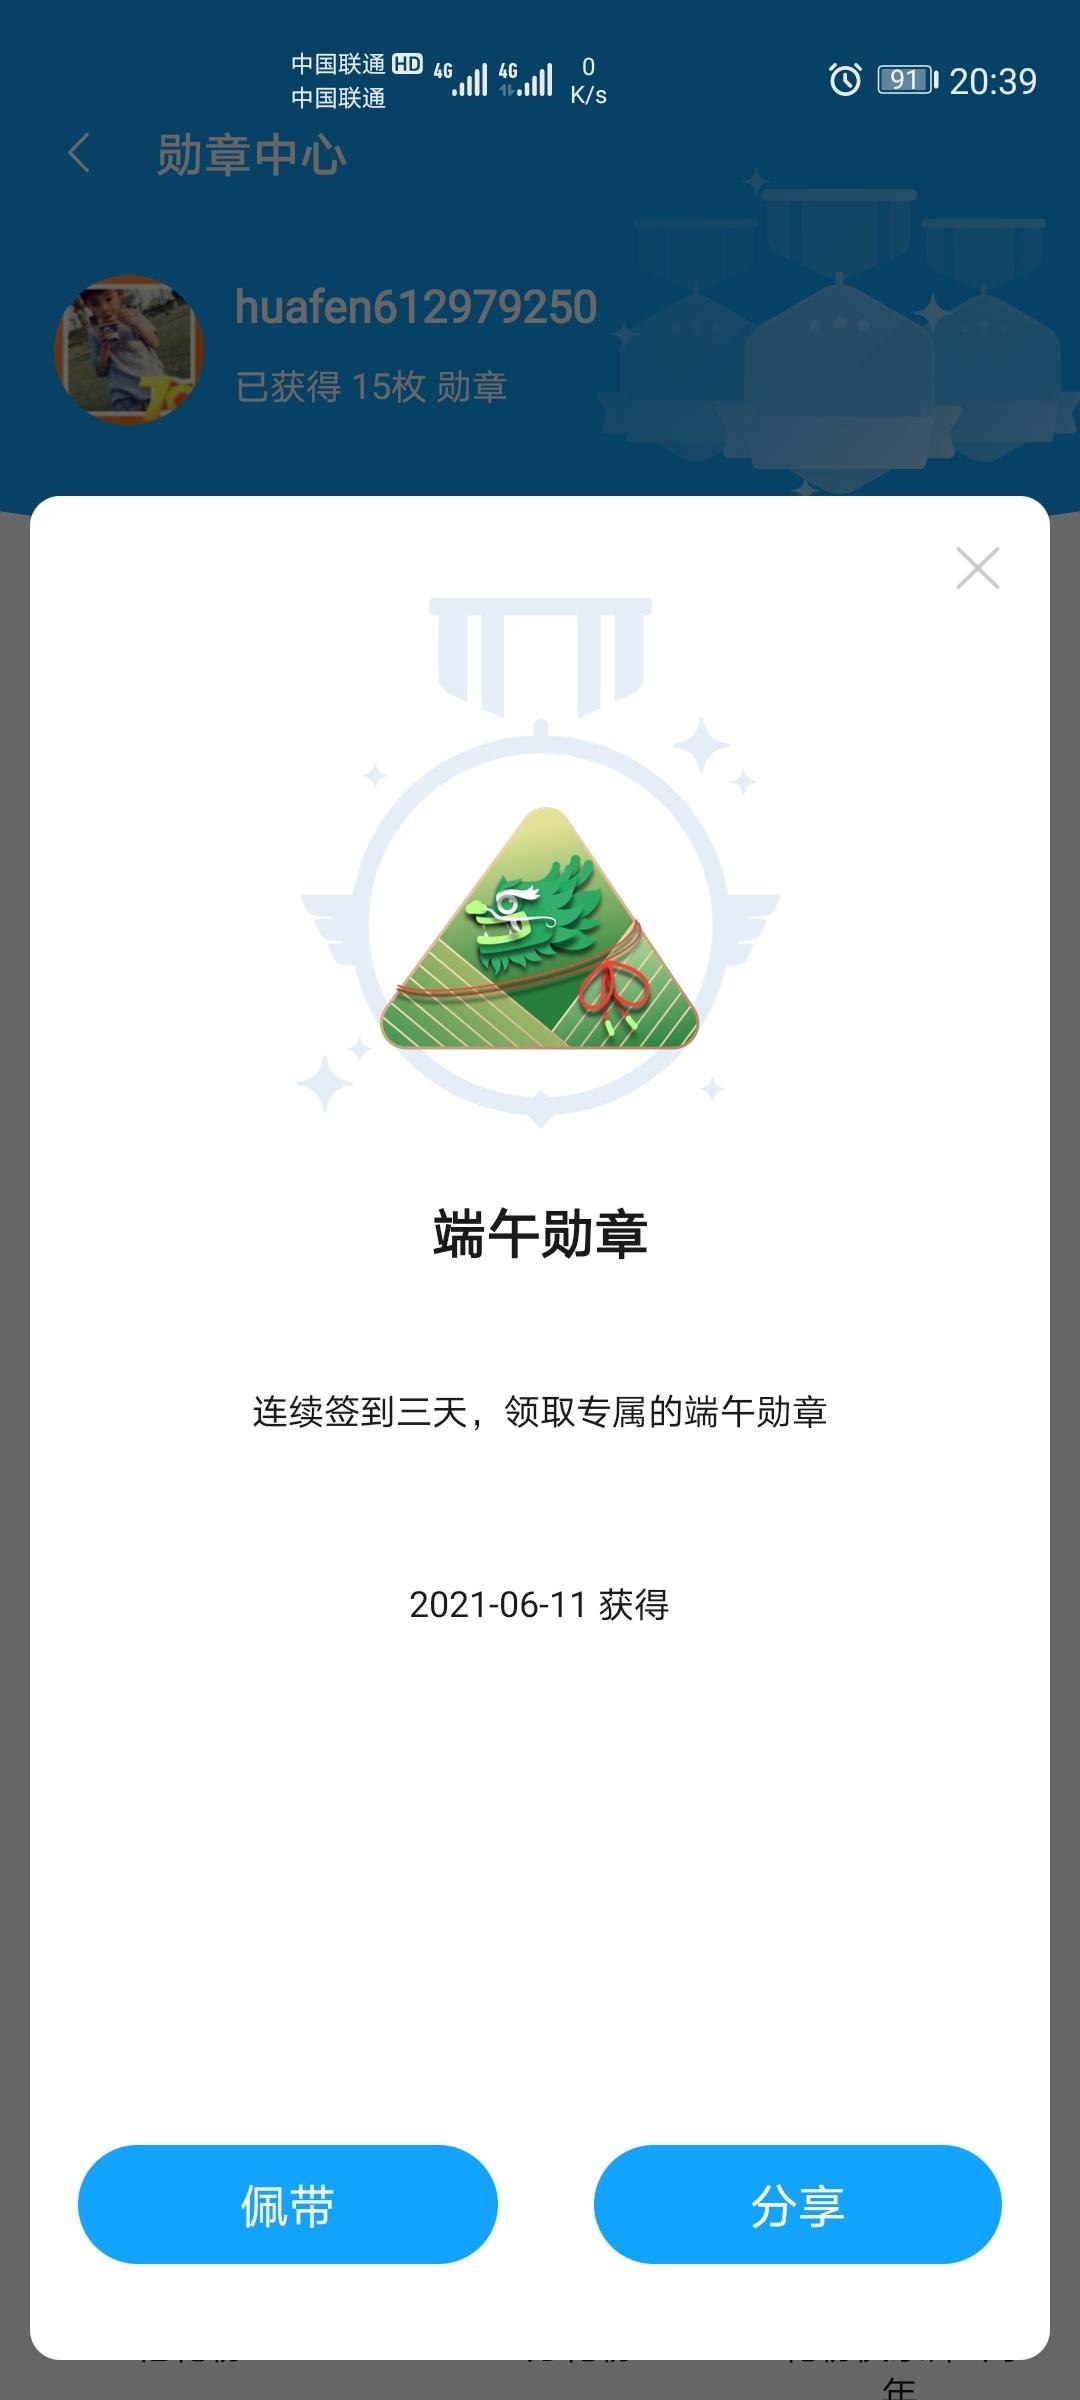 Screenshot_20210611_203950_com.huawei.fans.jpg